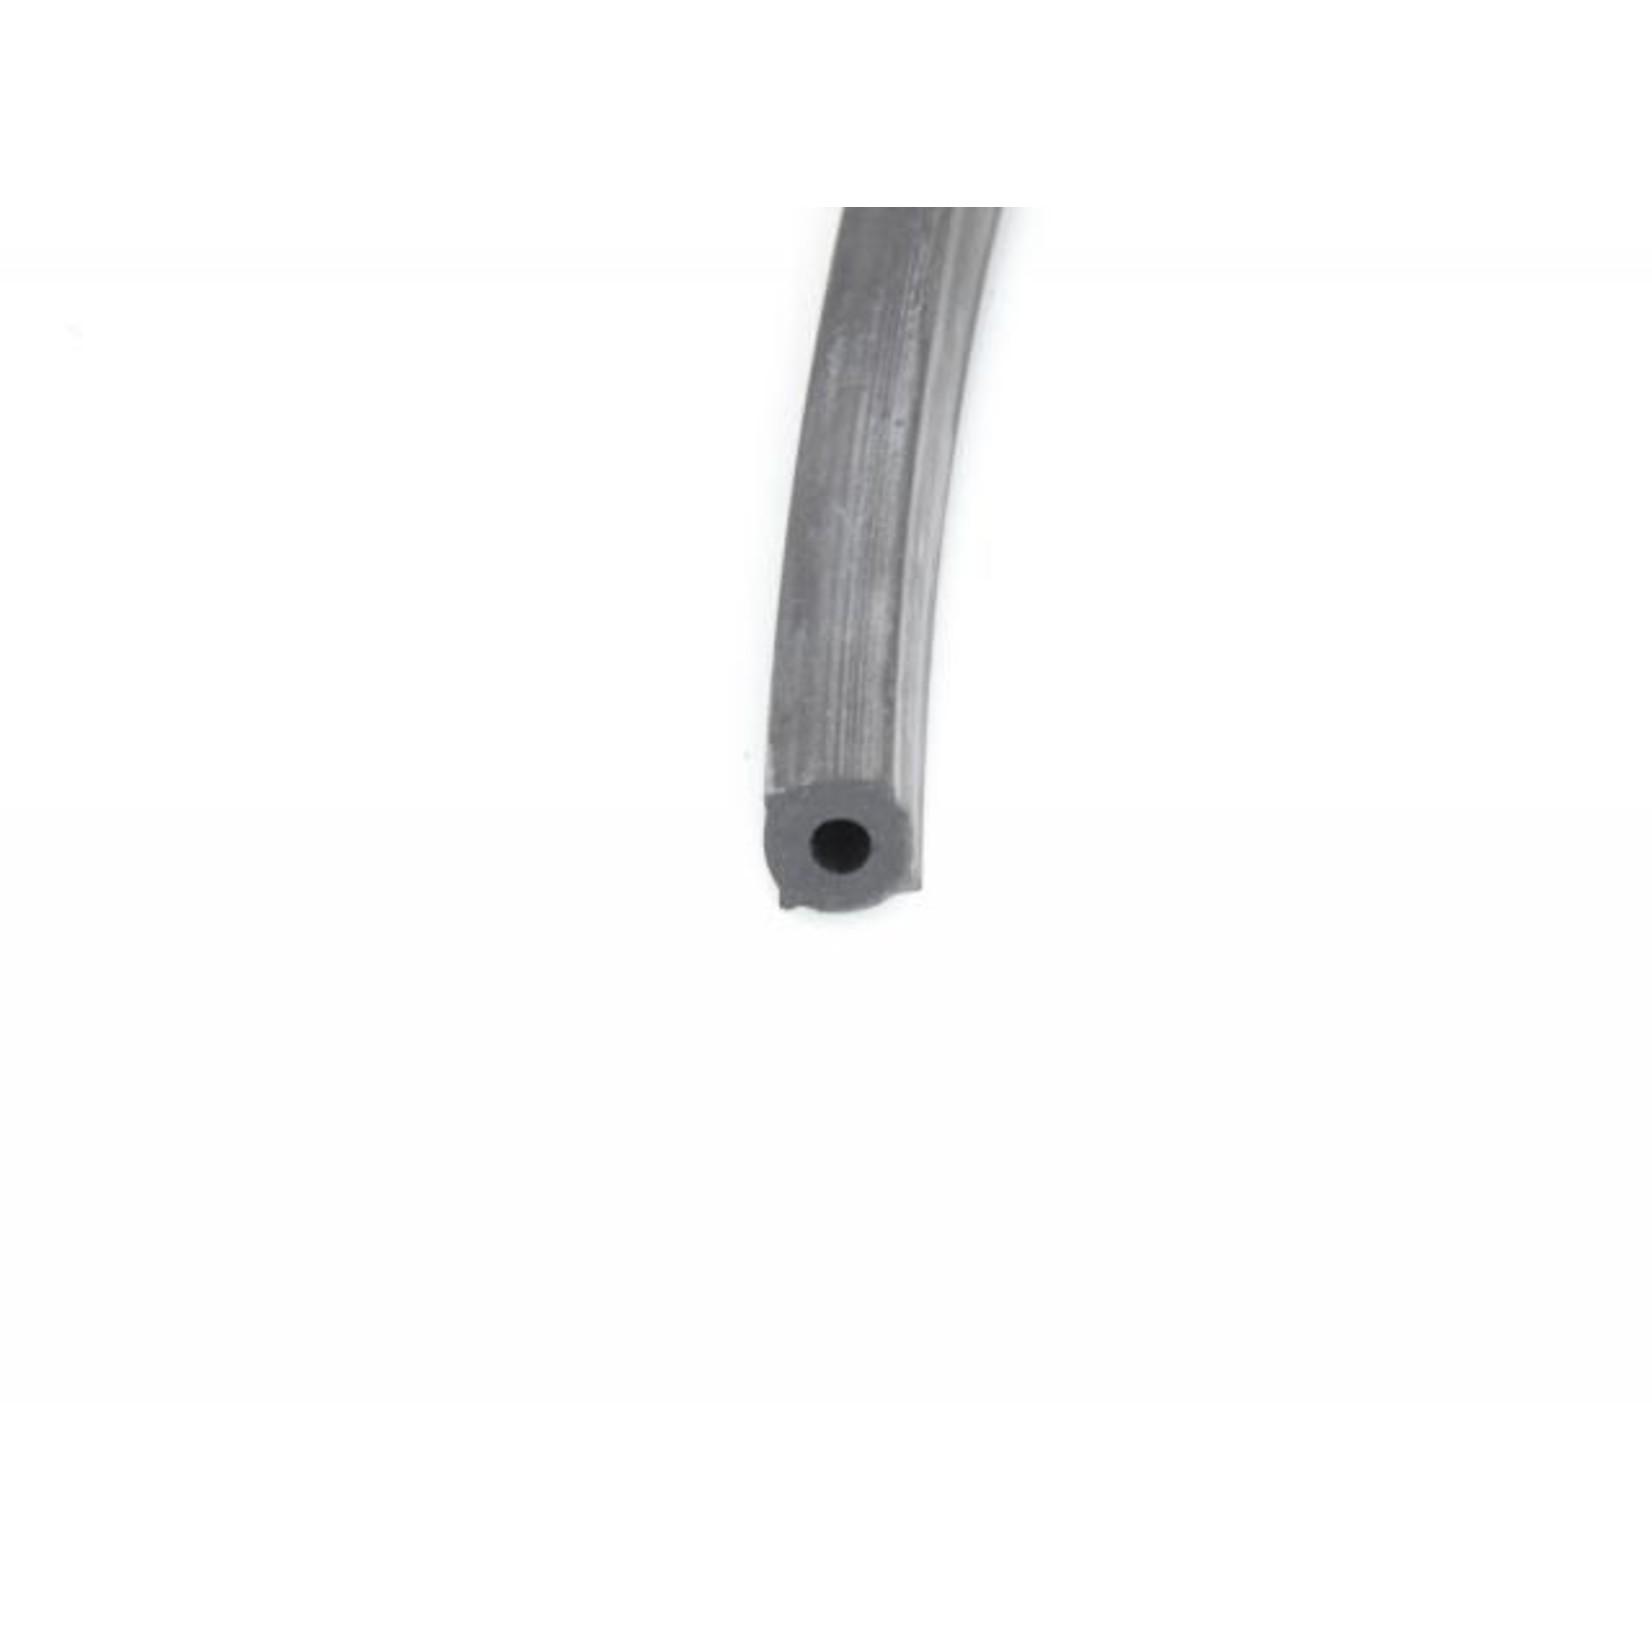 Tubo de retorno caucho LHS 3 x 8mm Nr Org: DM453104